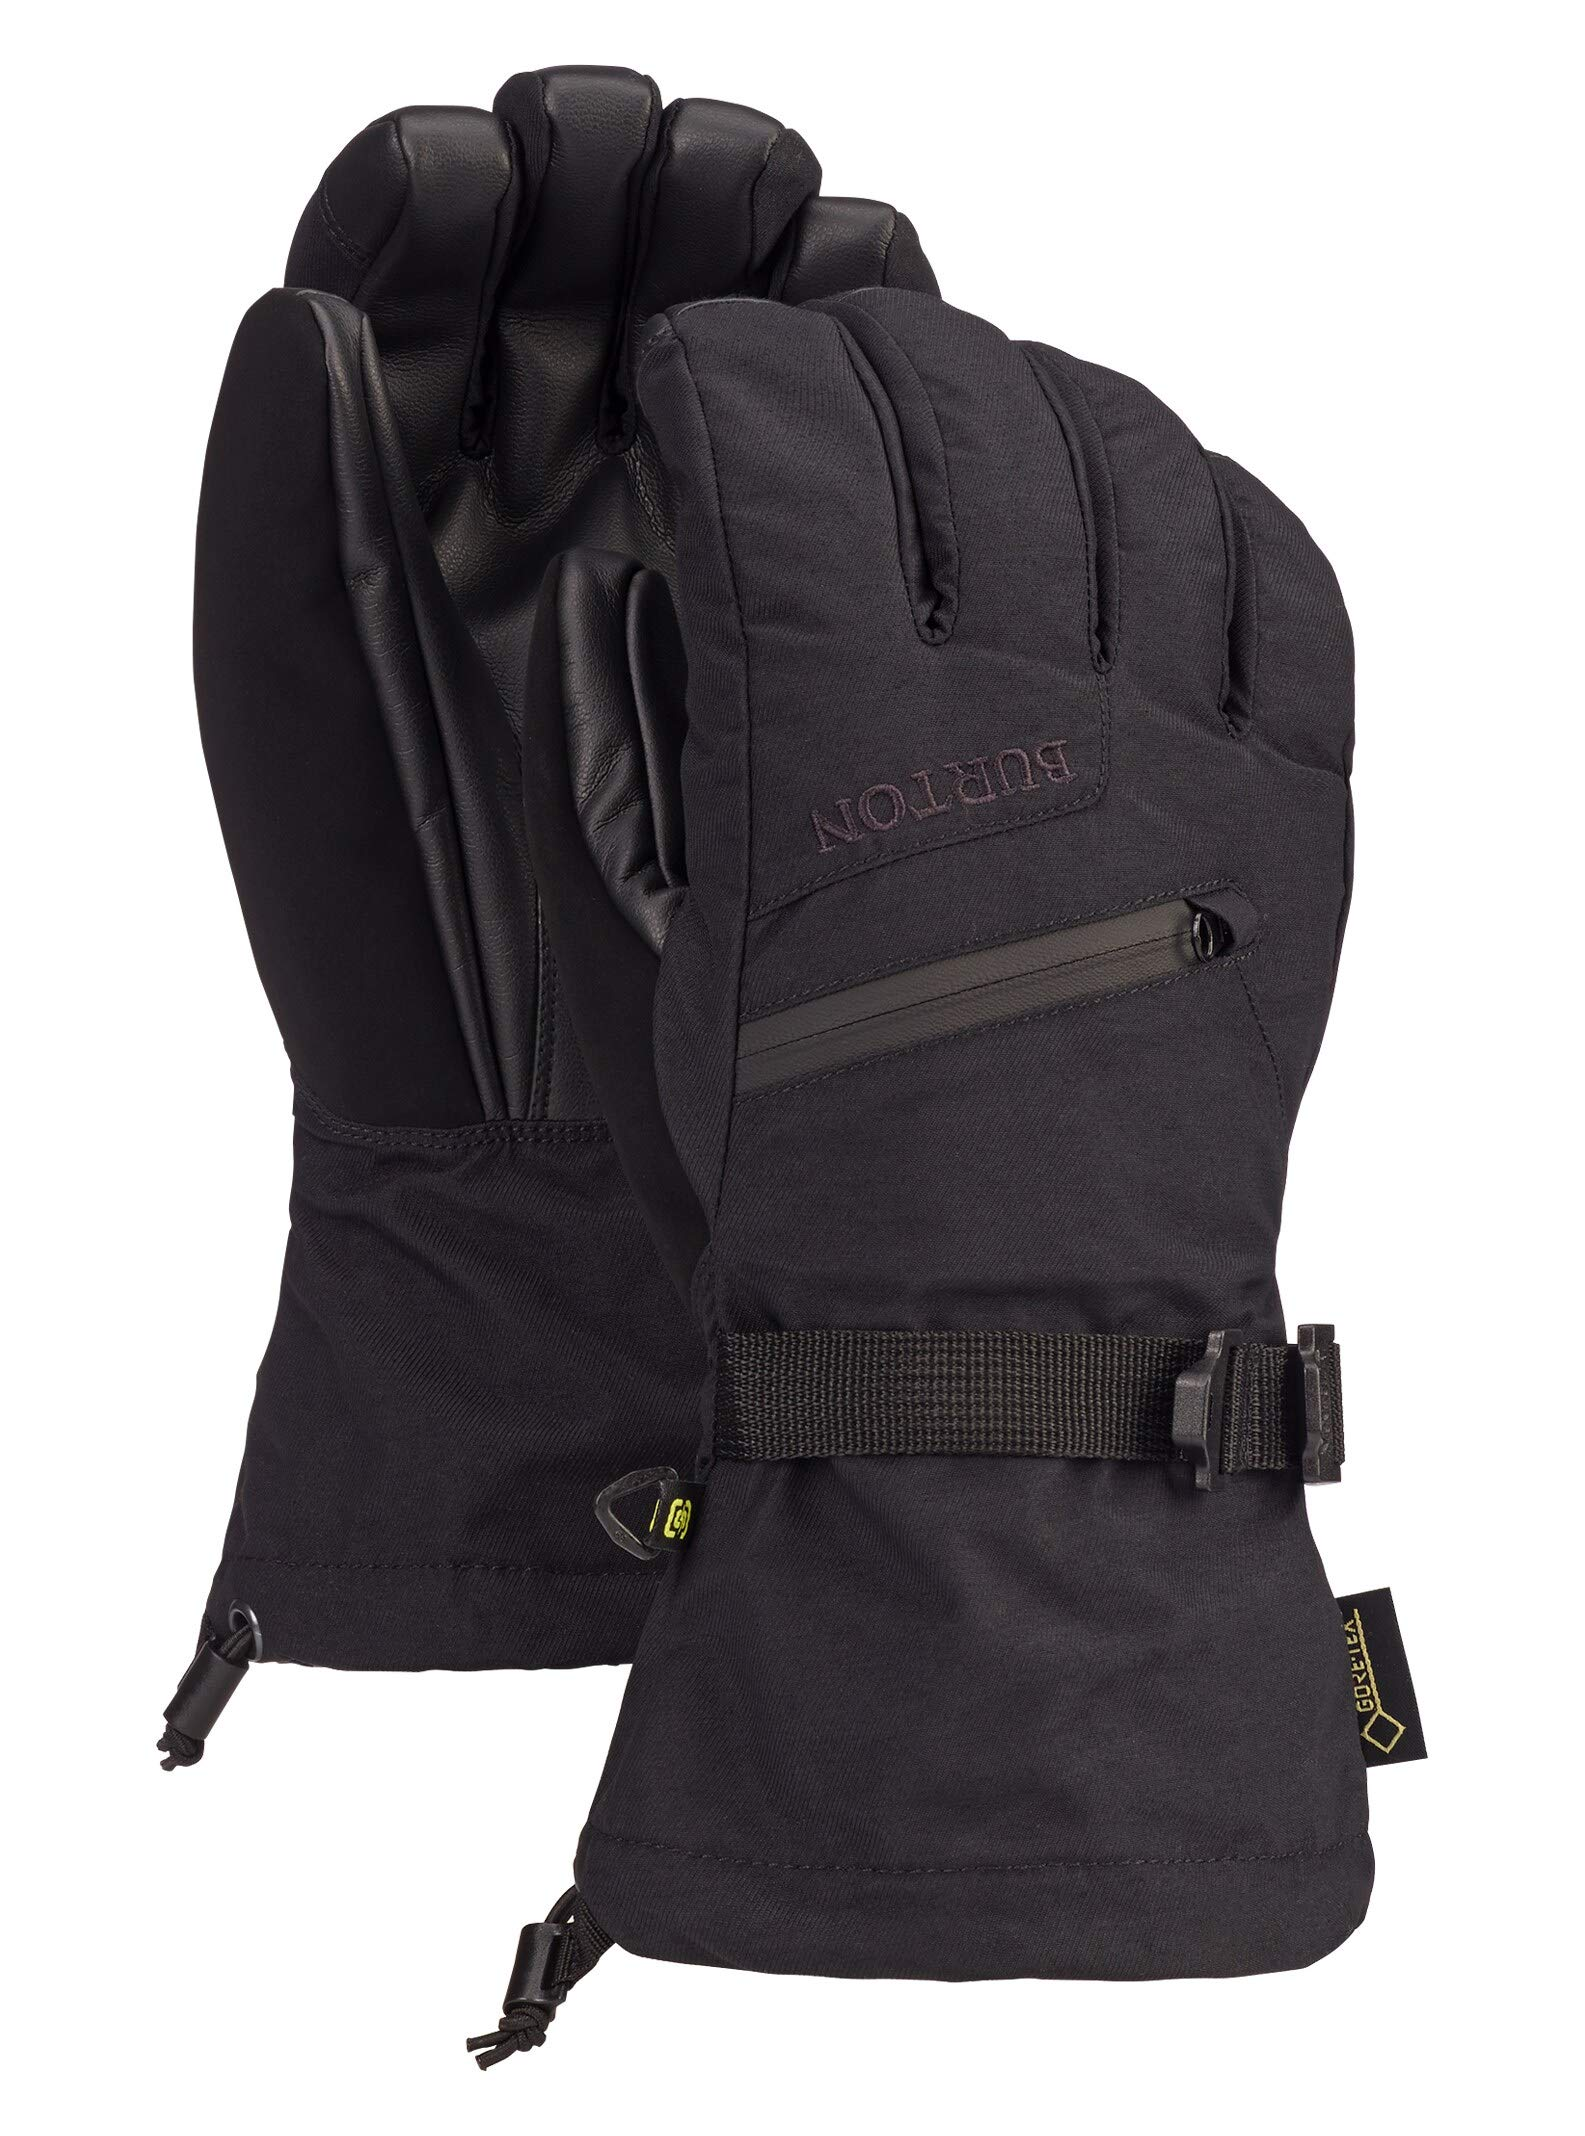 Burton Men's Gore-Tex Glove + Gore Warm Technology